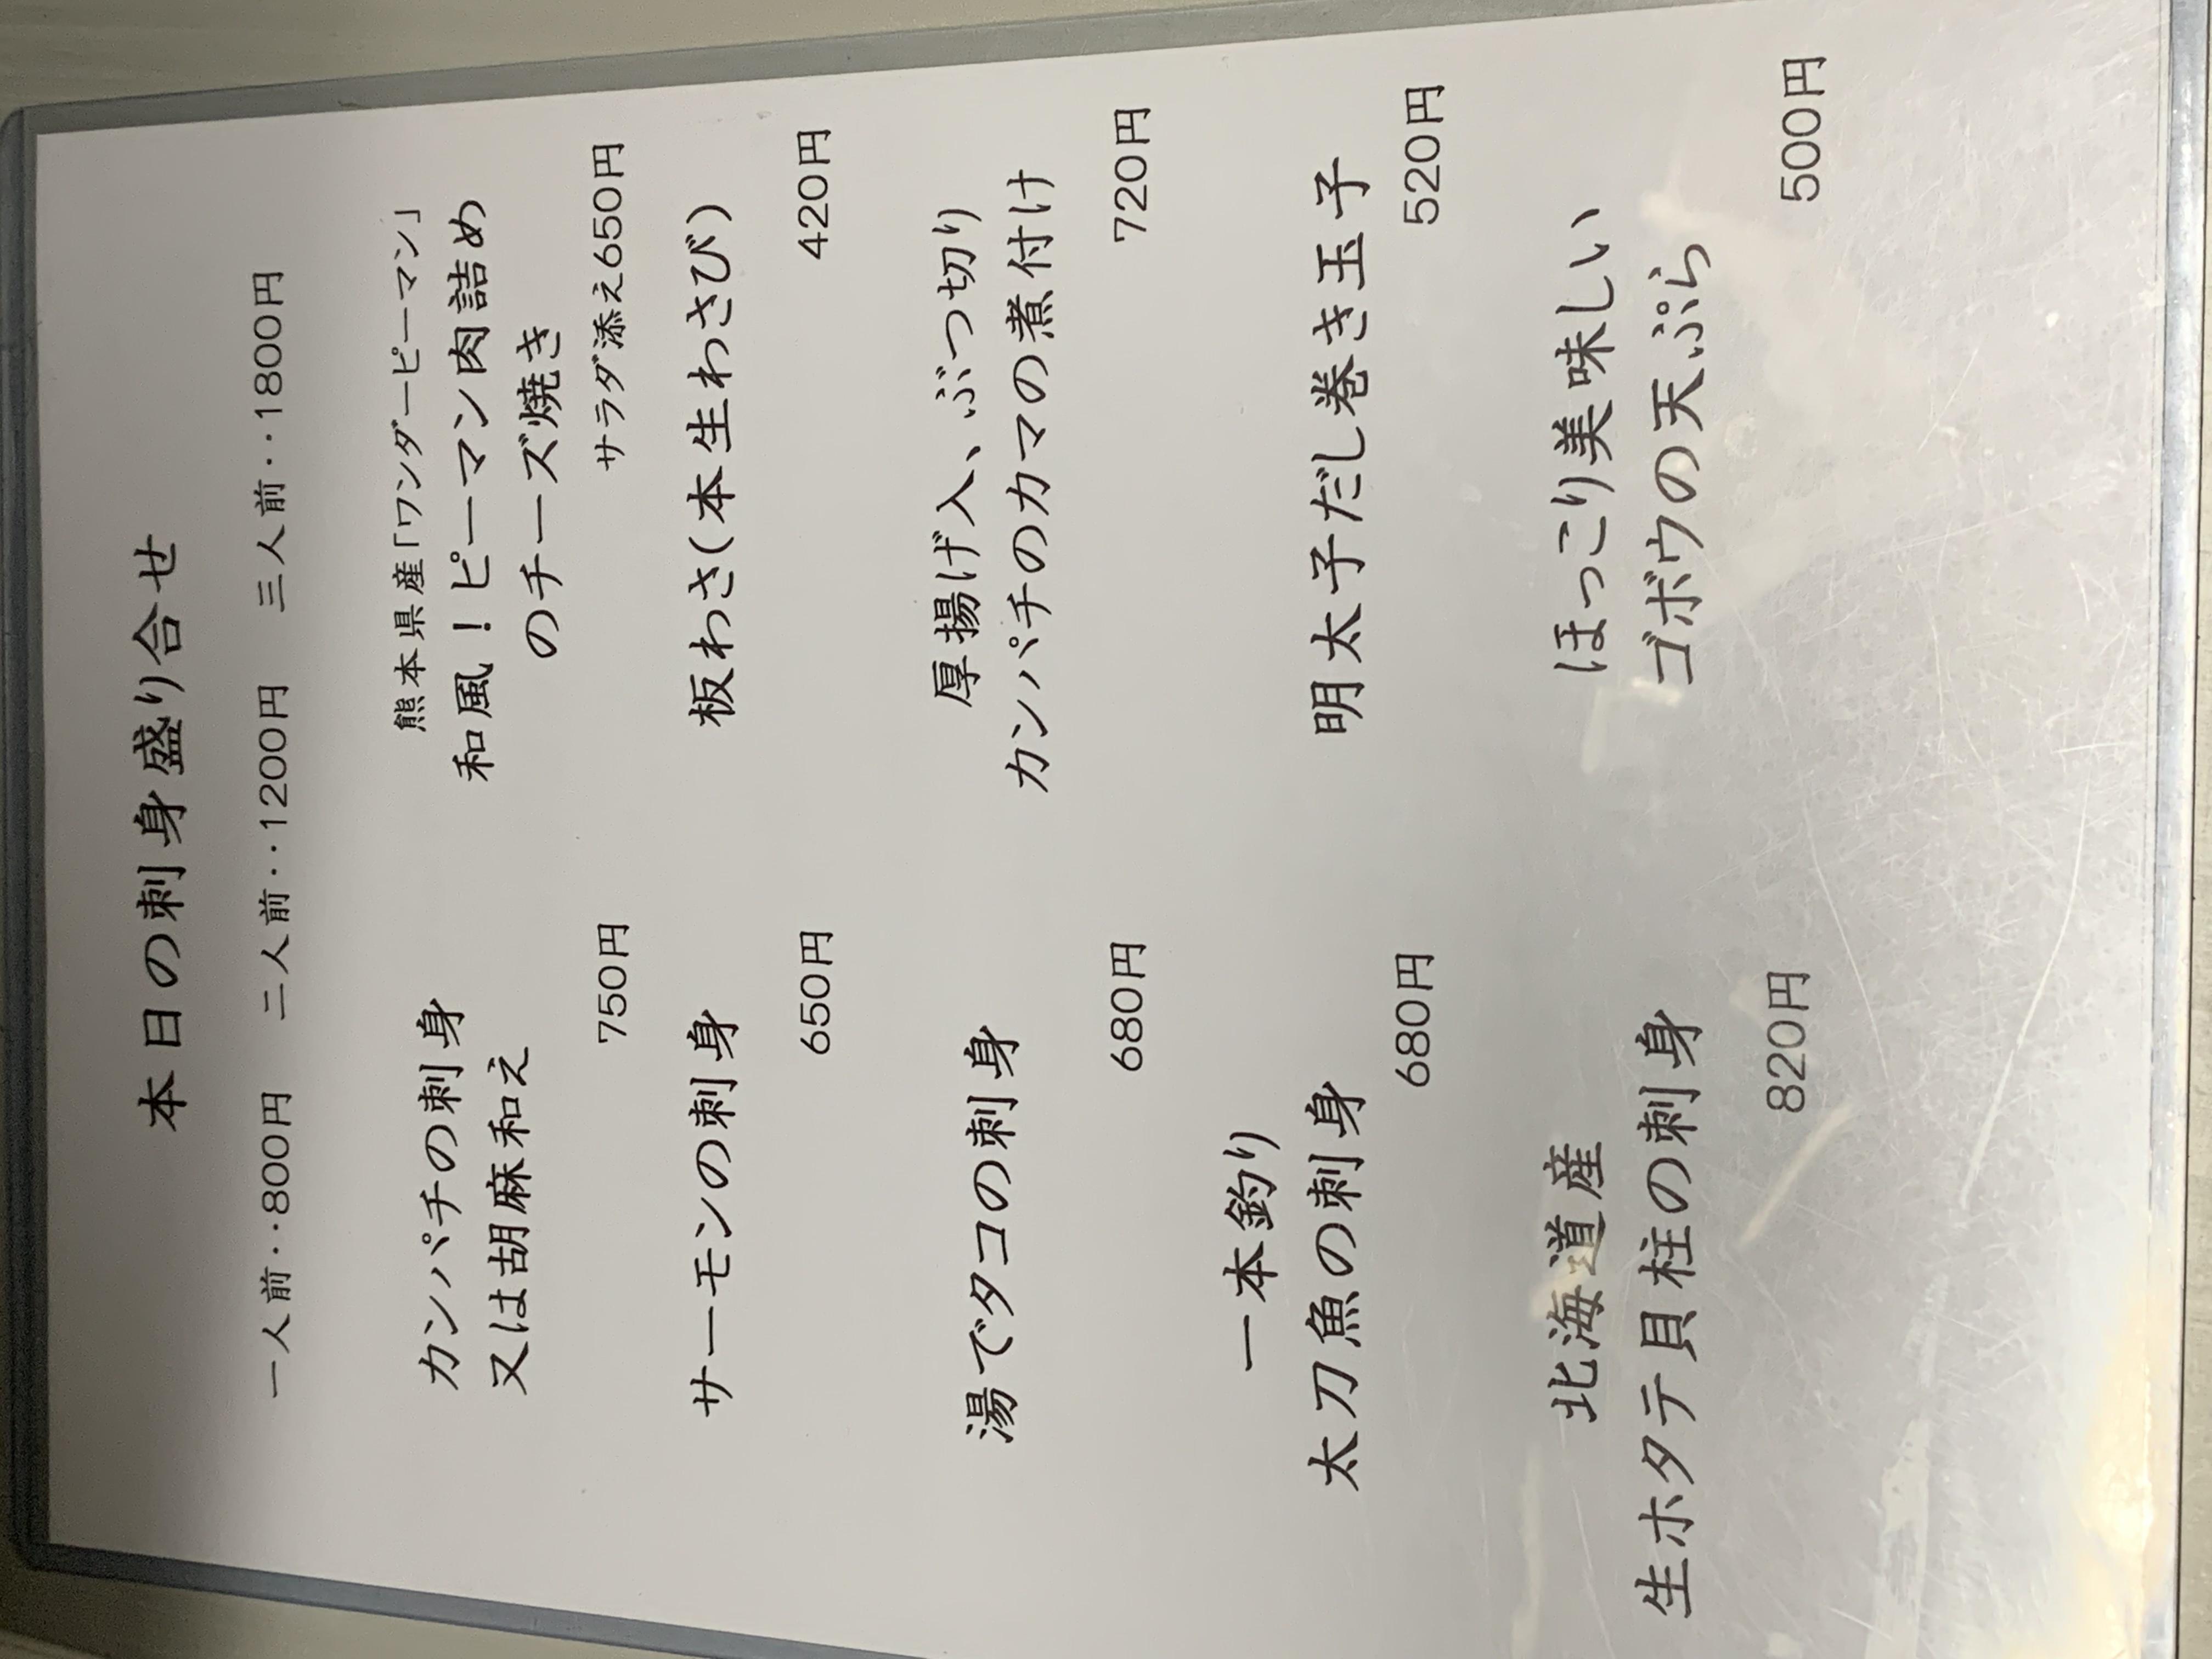 907A8858-C1A3-40F9-B69E-AD0A935DC74F